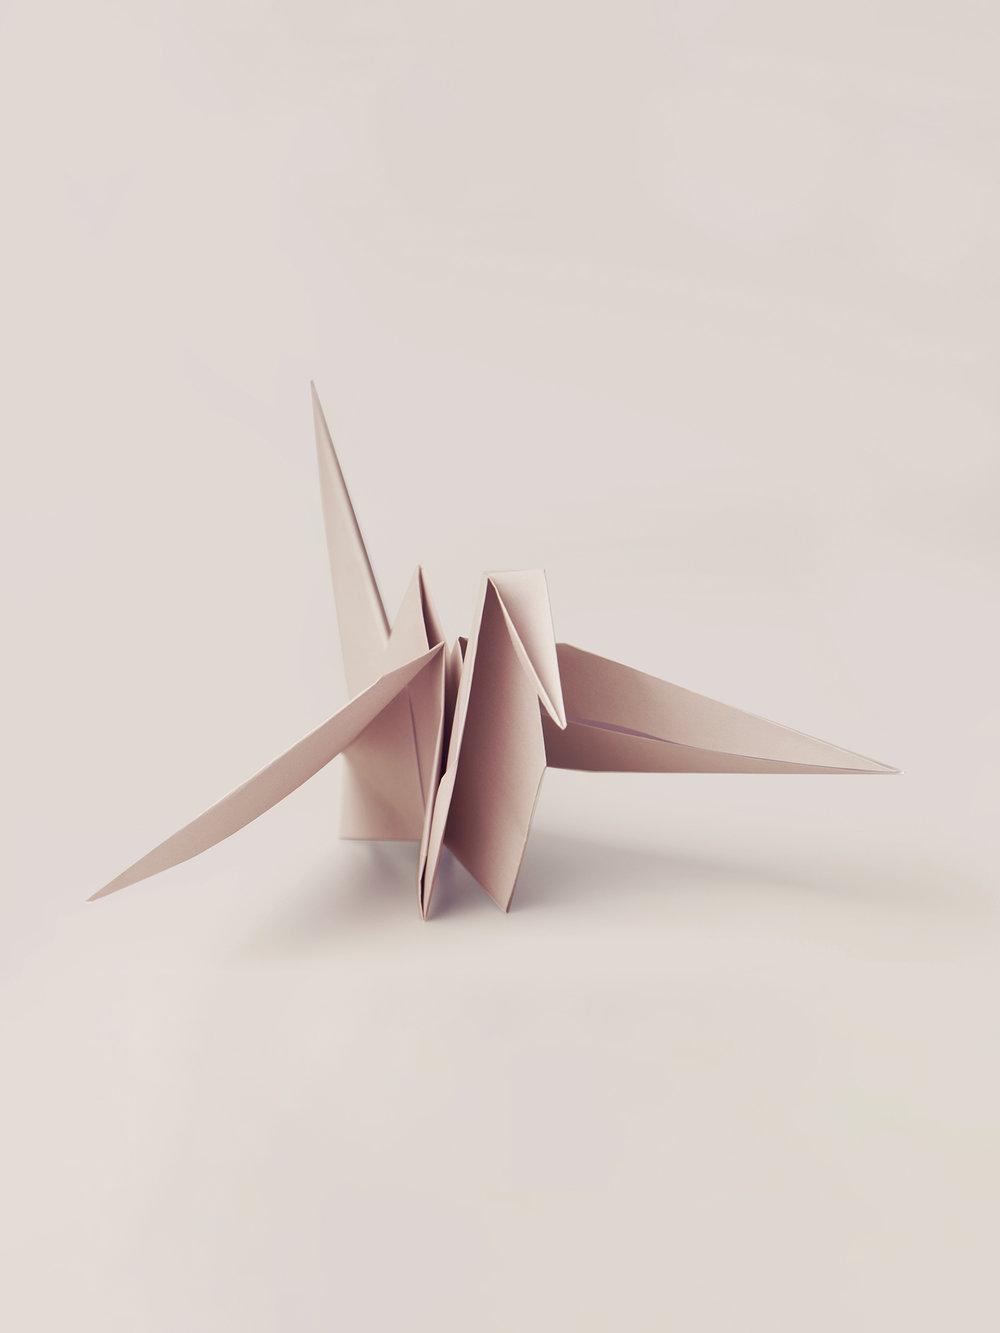 Origami Figur Kranich  Origami figure Crane